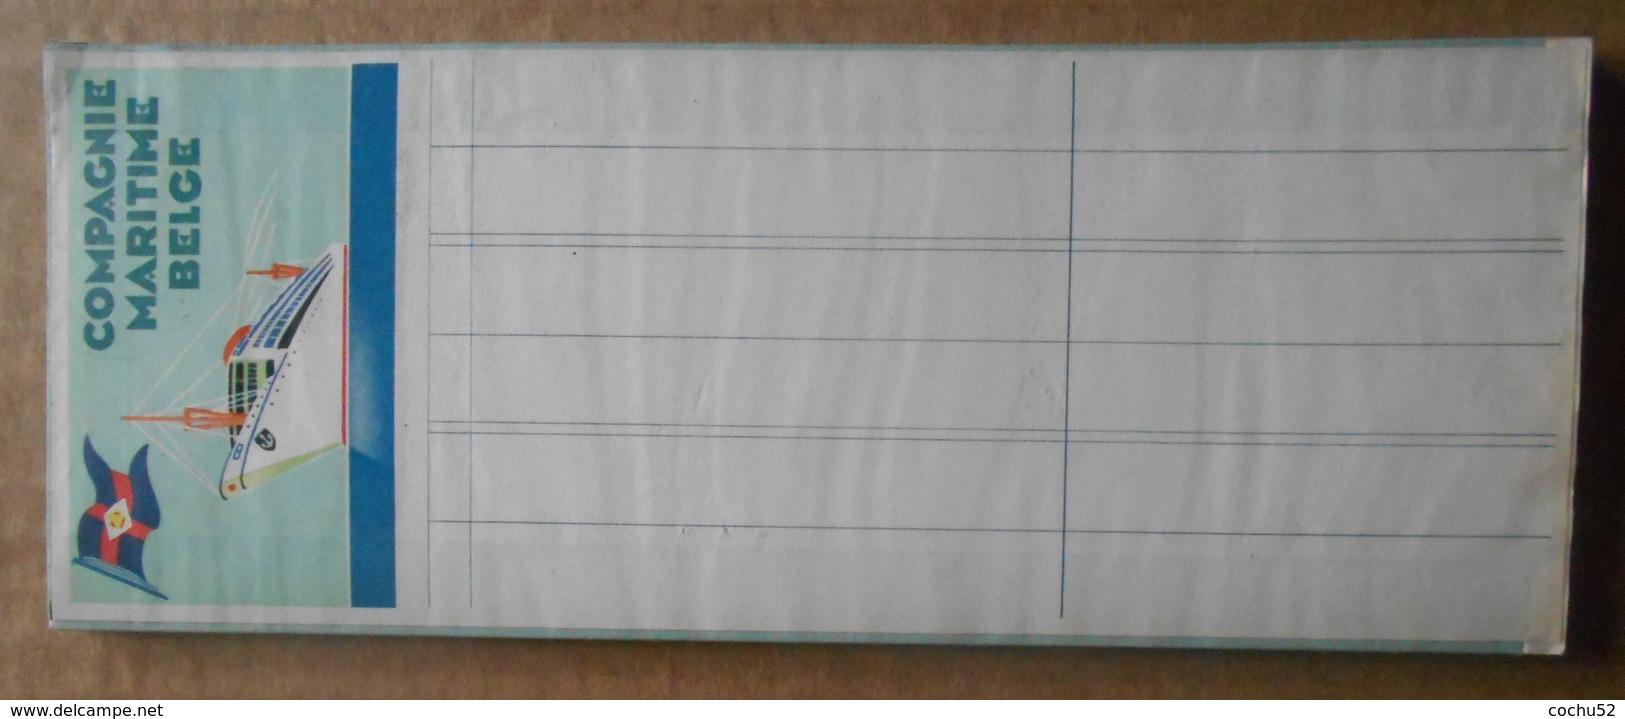 Carnet De Commande De La Compagnie Maritime Belge - Vieux Papiers